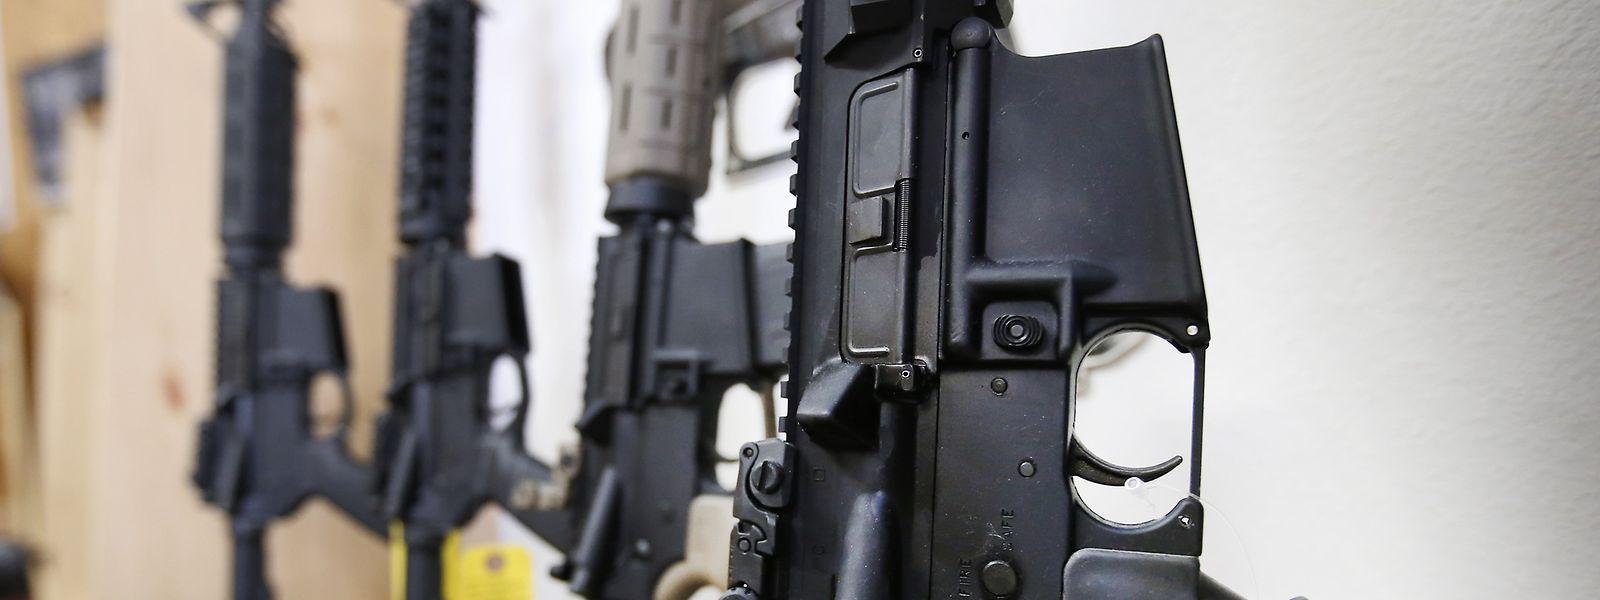 Nach dem Massaker von Las Vegas stehen die lockeren Waffengesetze auch in den USA in der Kritik.